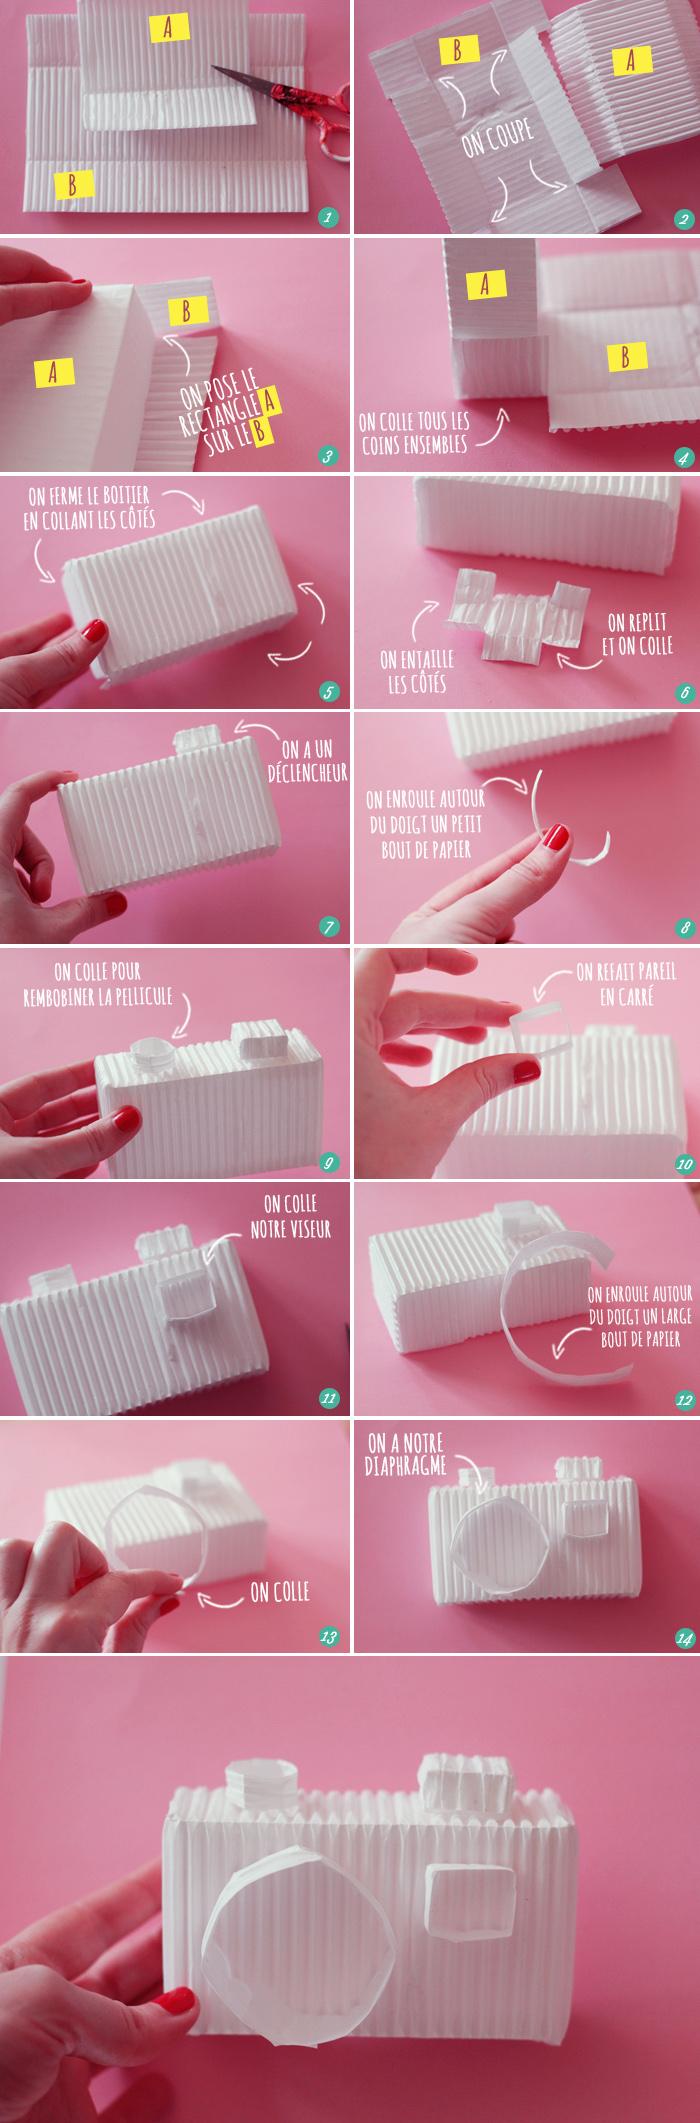 lu-appareil-photo-recycle-papier-diy